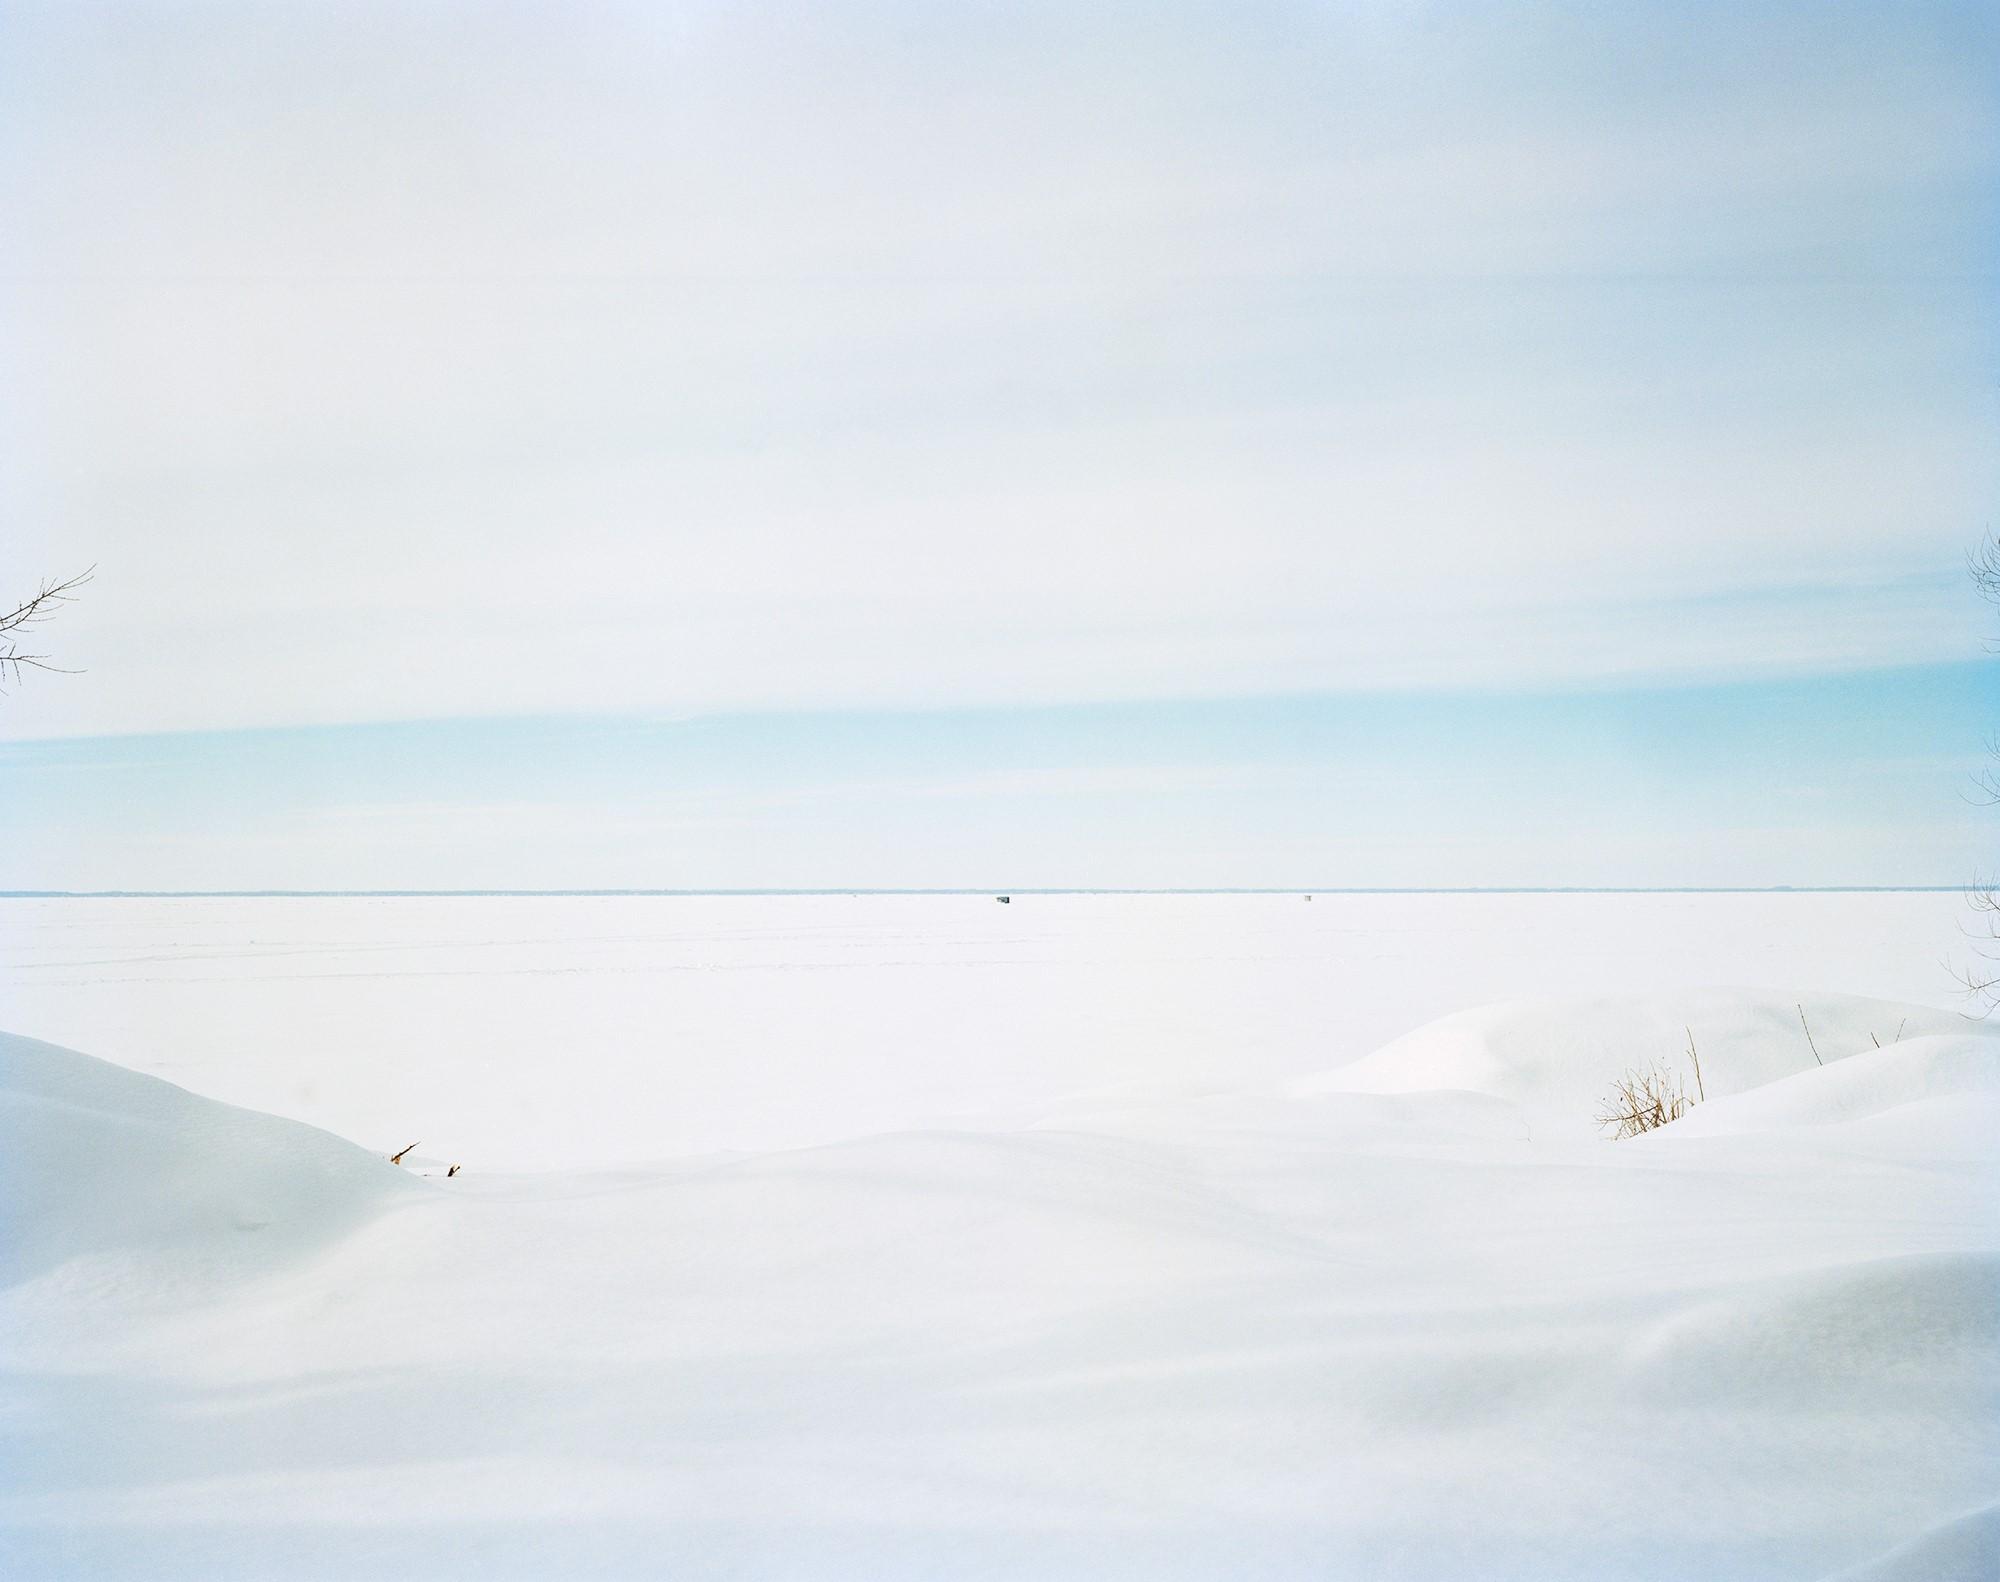 Lake (Frozen), 2019